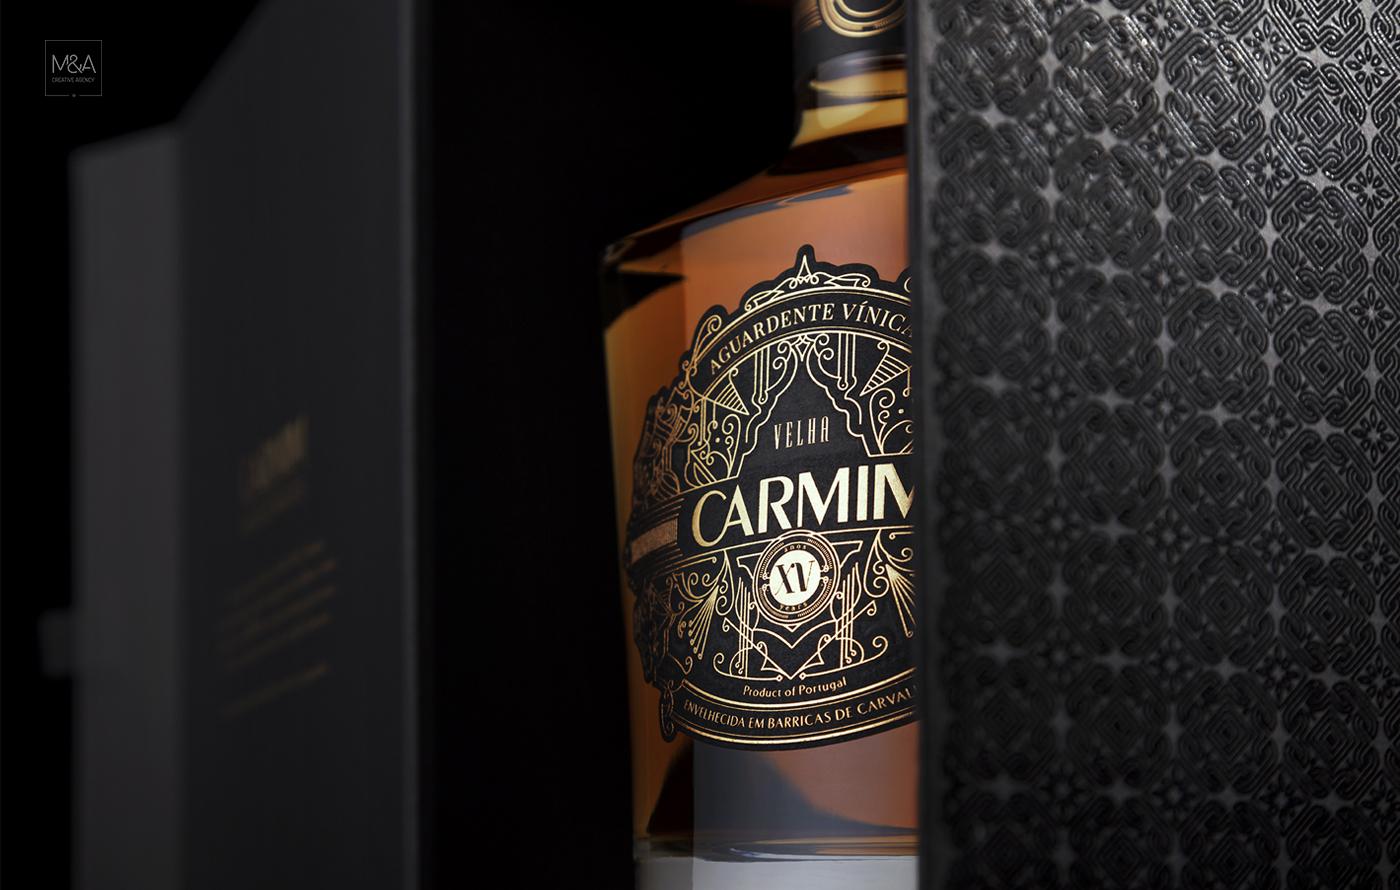 M&A Creative Agency - Carmim2.jpg